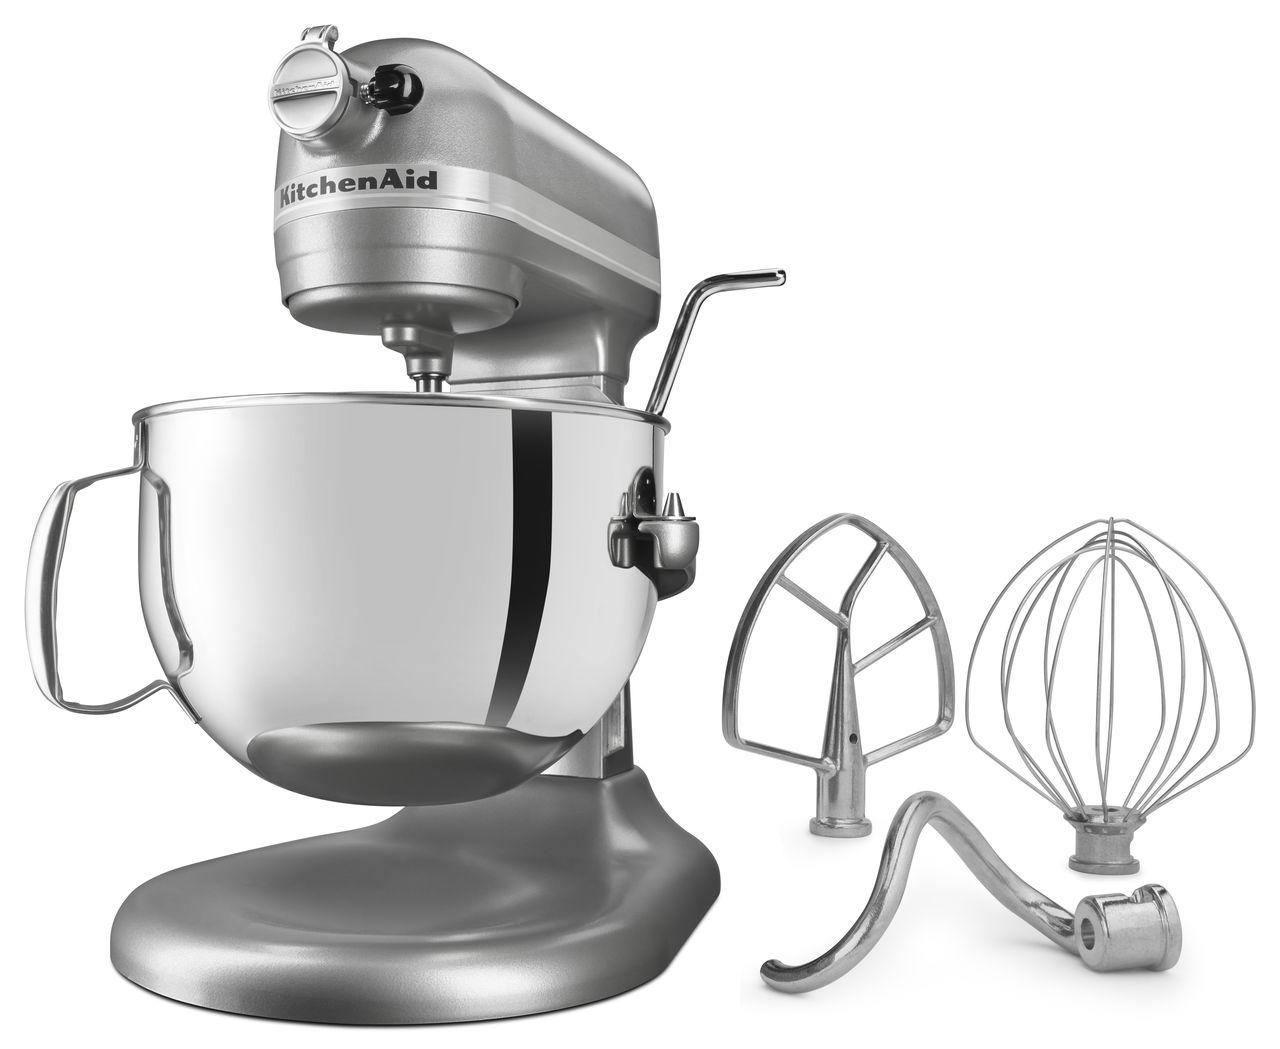 New Kitchenaid 174 6 Quart Bowl Lift Stand Mixer Kl26m1x Ebay